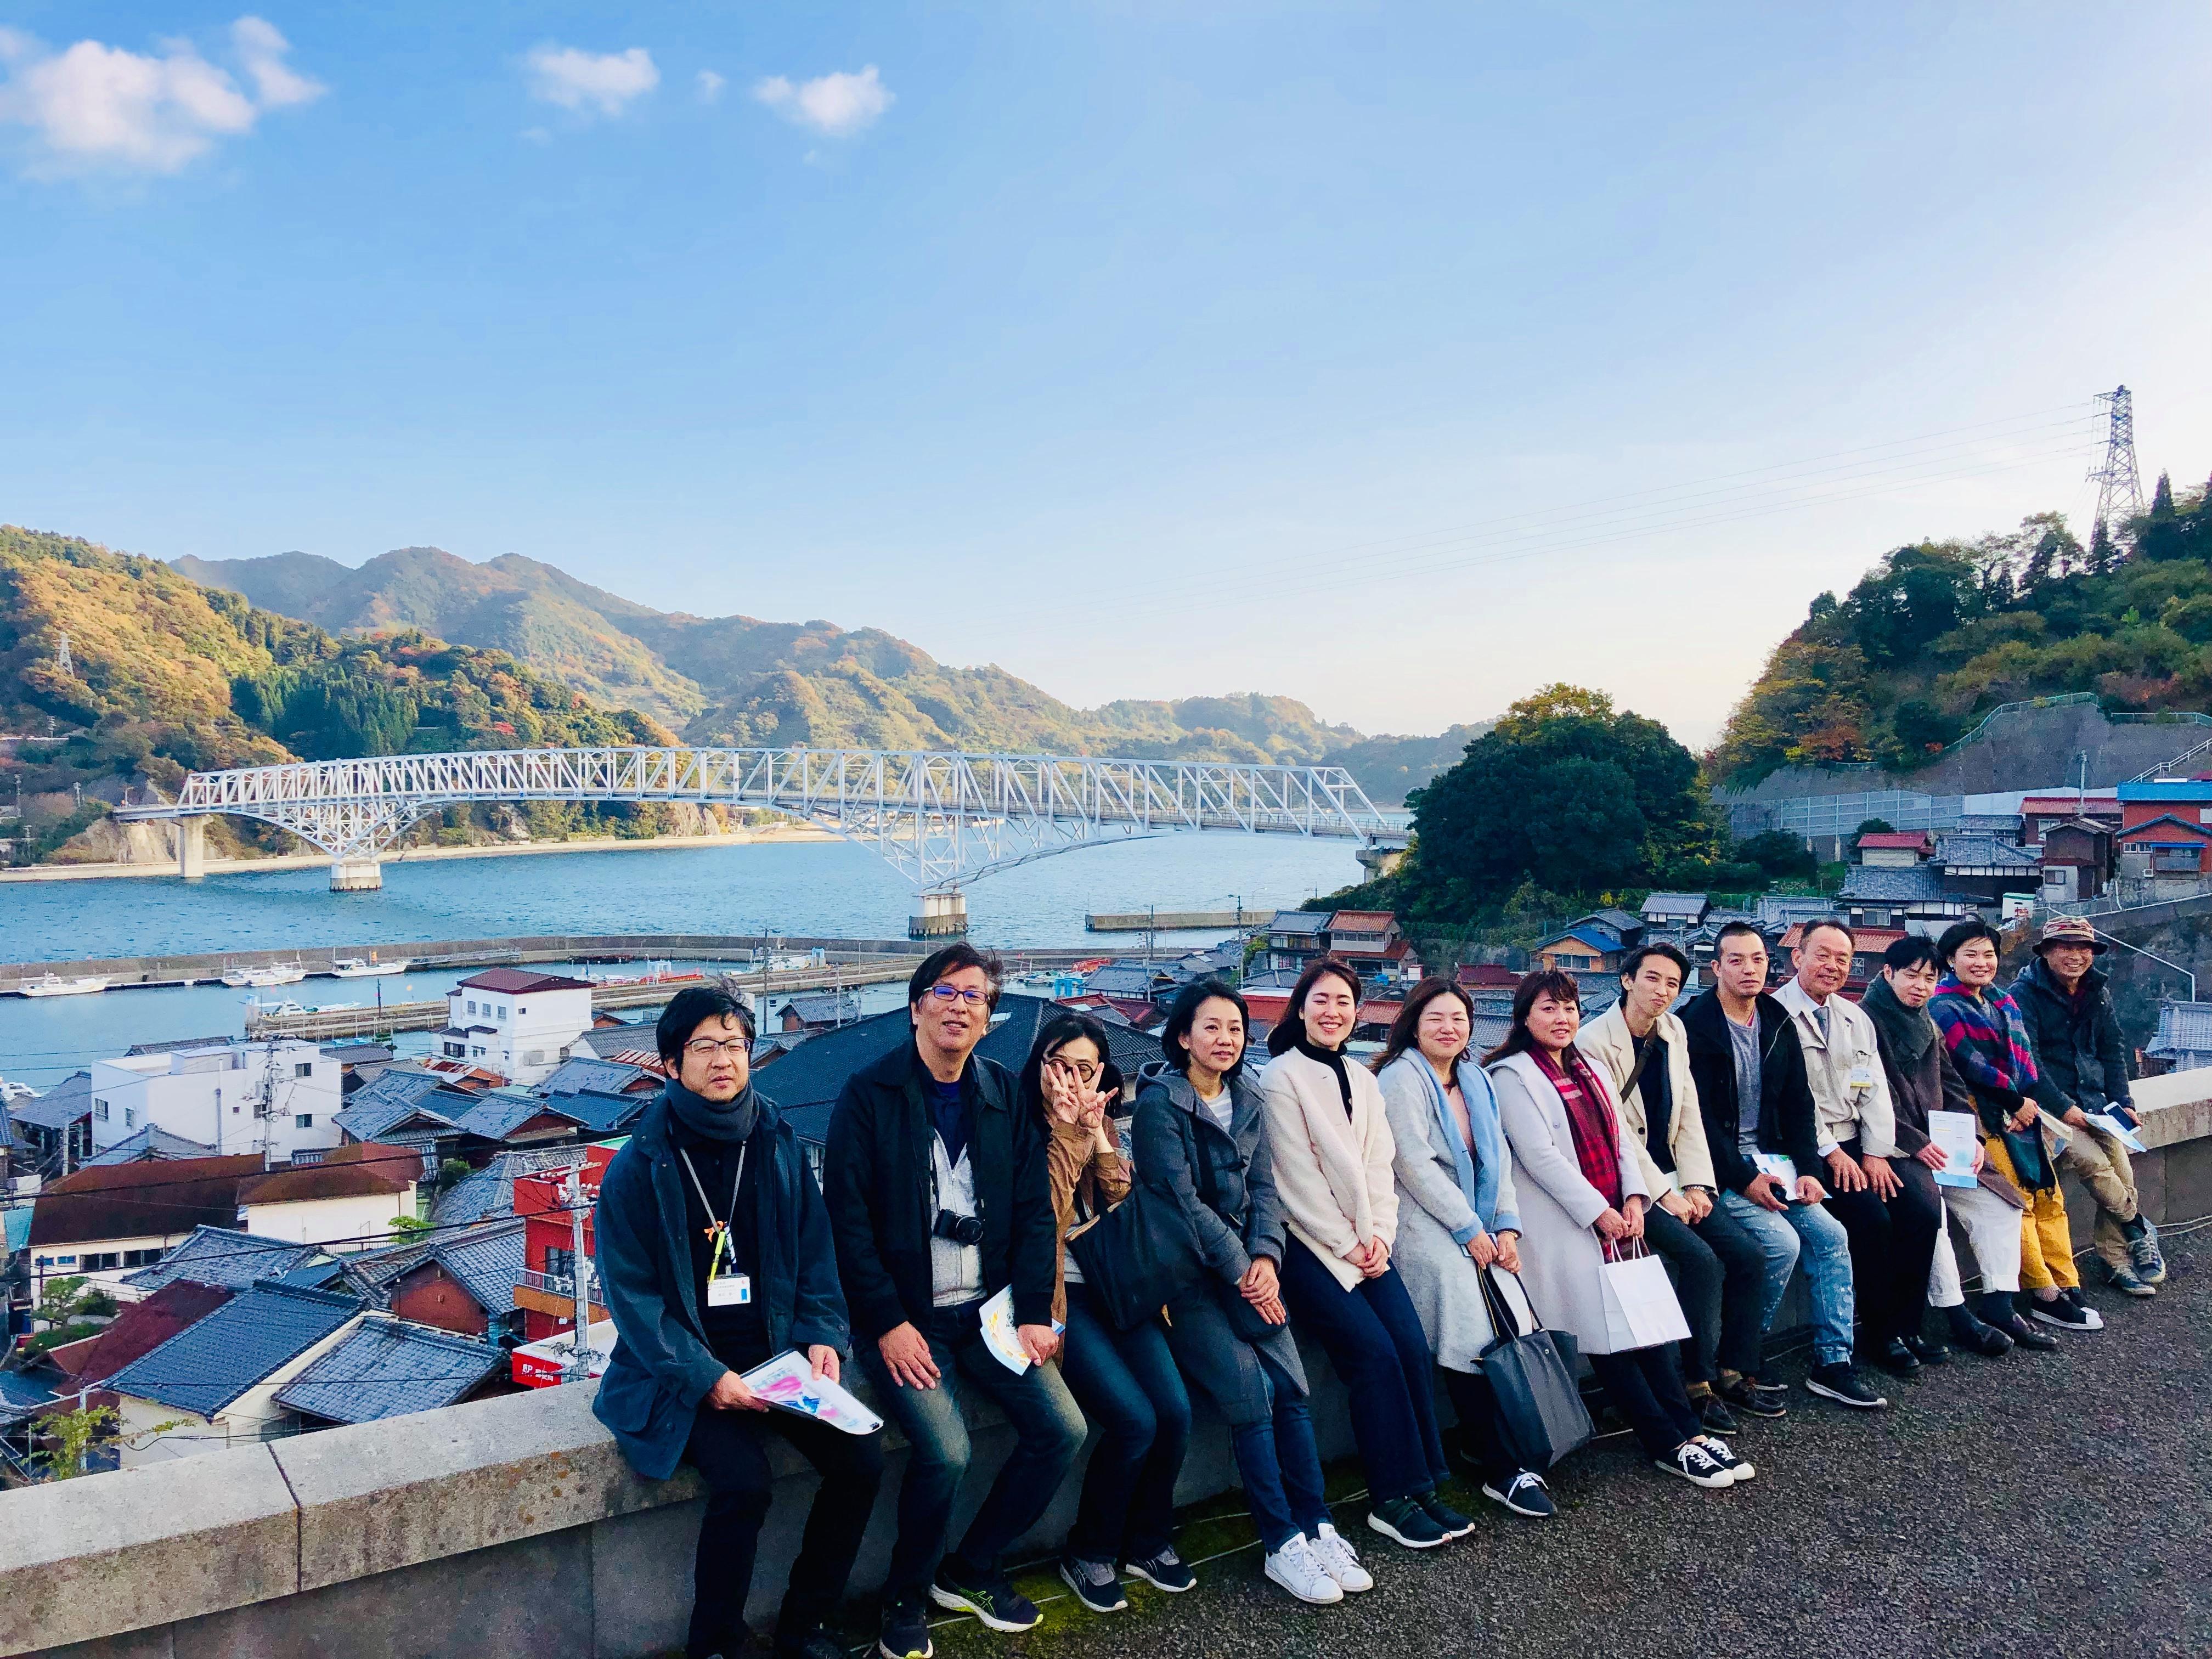 『がんばろう広島』あなたとひろしまがワクワクするプログラム「ひろしま里山ウェーブ」5期プレーヤーを募集しています!(申込みは8月31日まで)